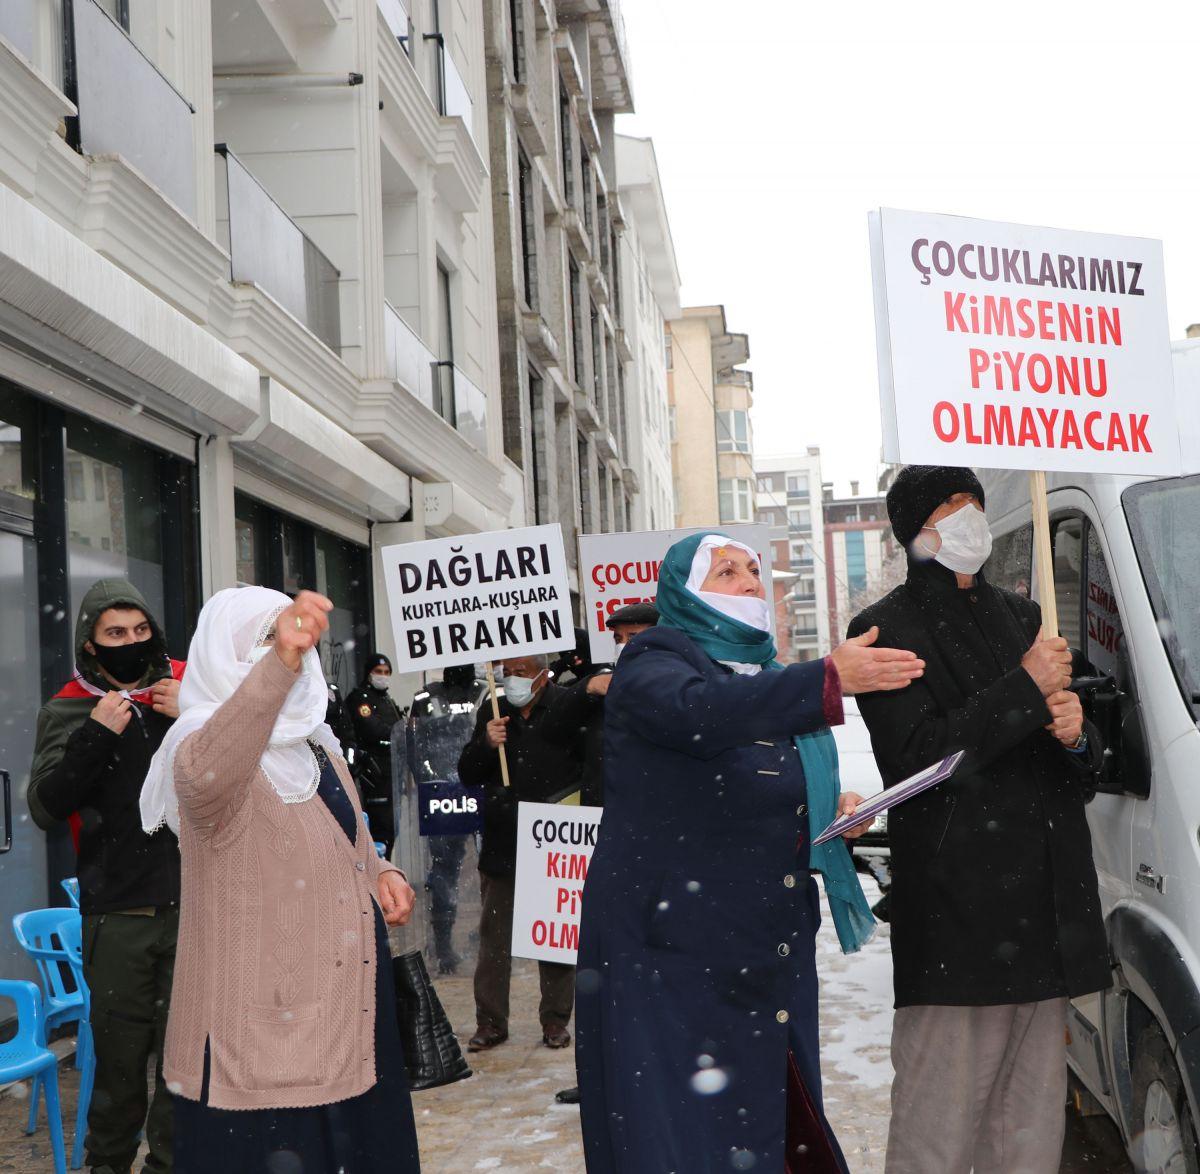 Van da kar yağışına rağmen evlat eylemini HDP liler engellemeye çalıştı #8